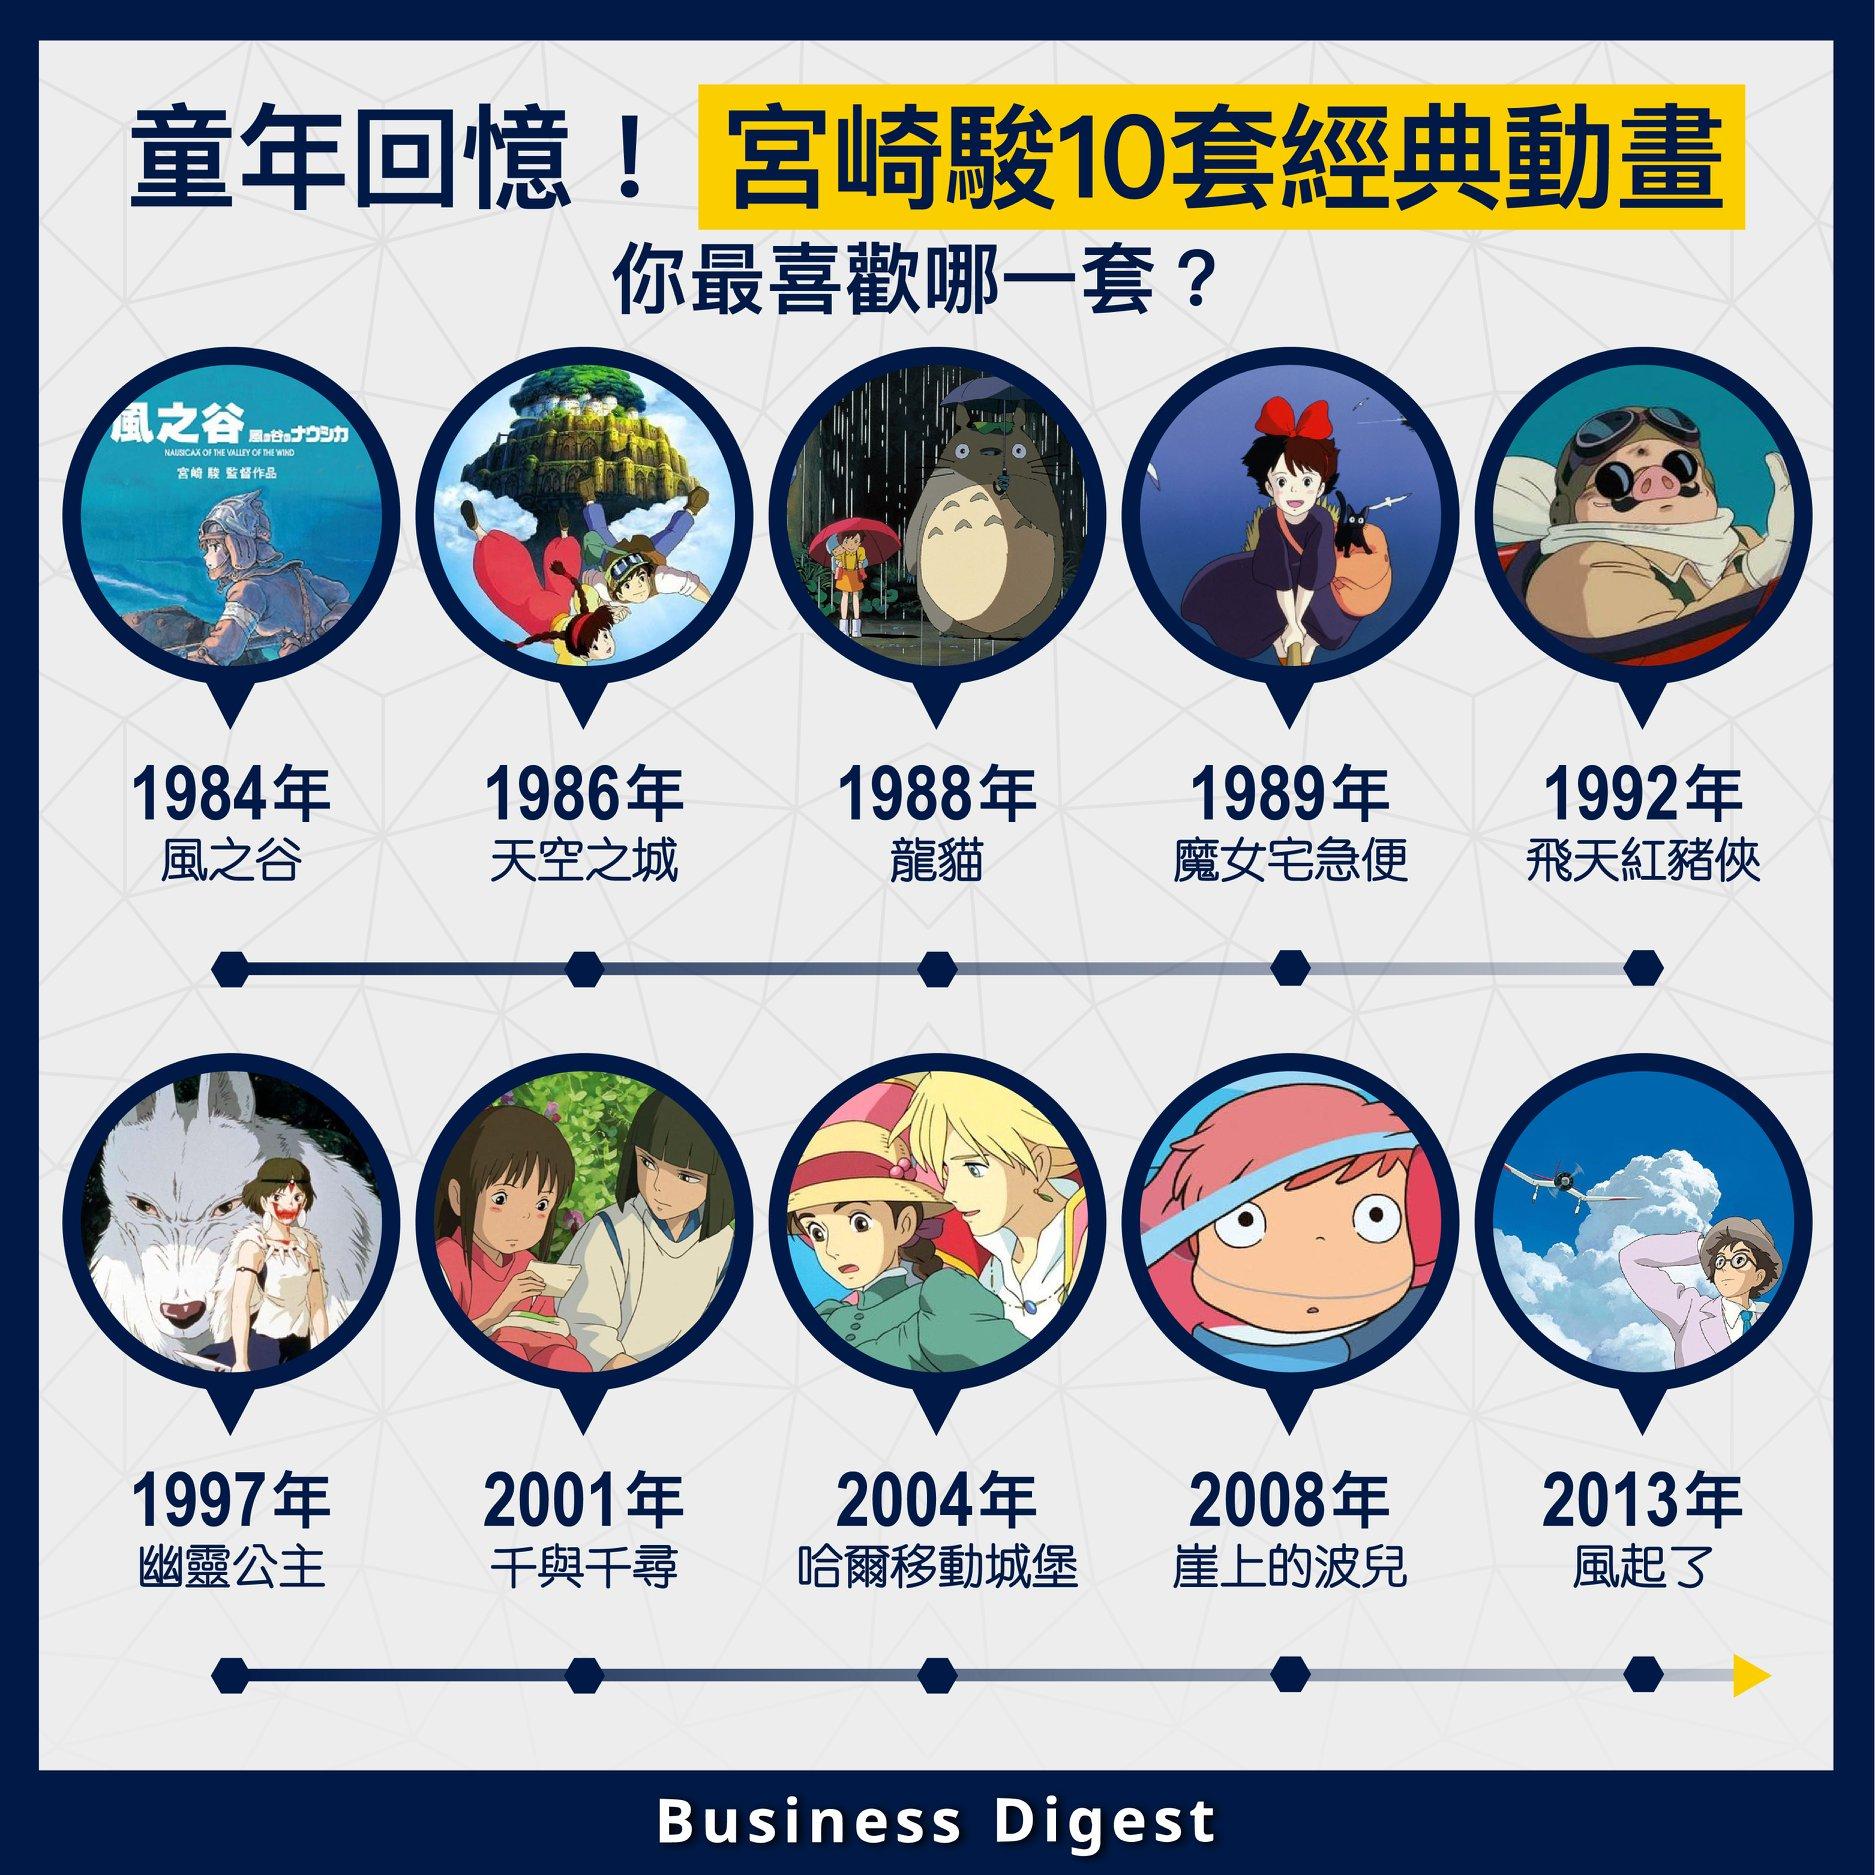 【童年回憶】宮崎駿10套經典動畫,你最喜歡哪一套?